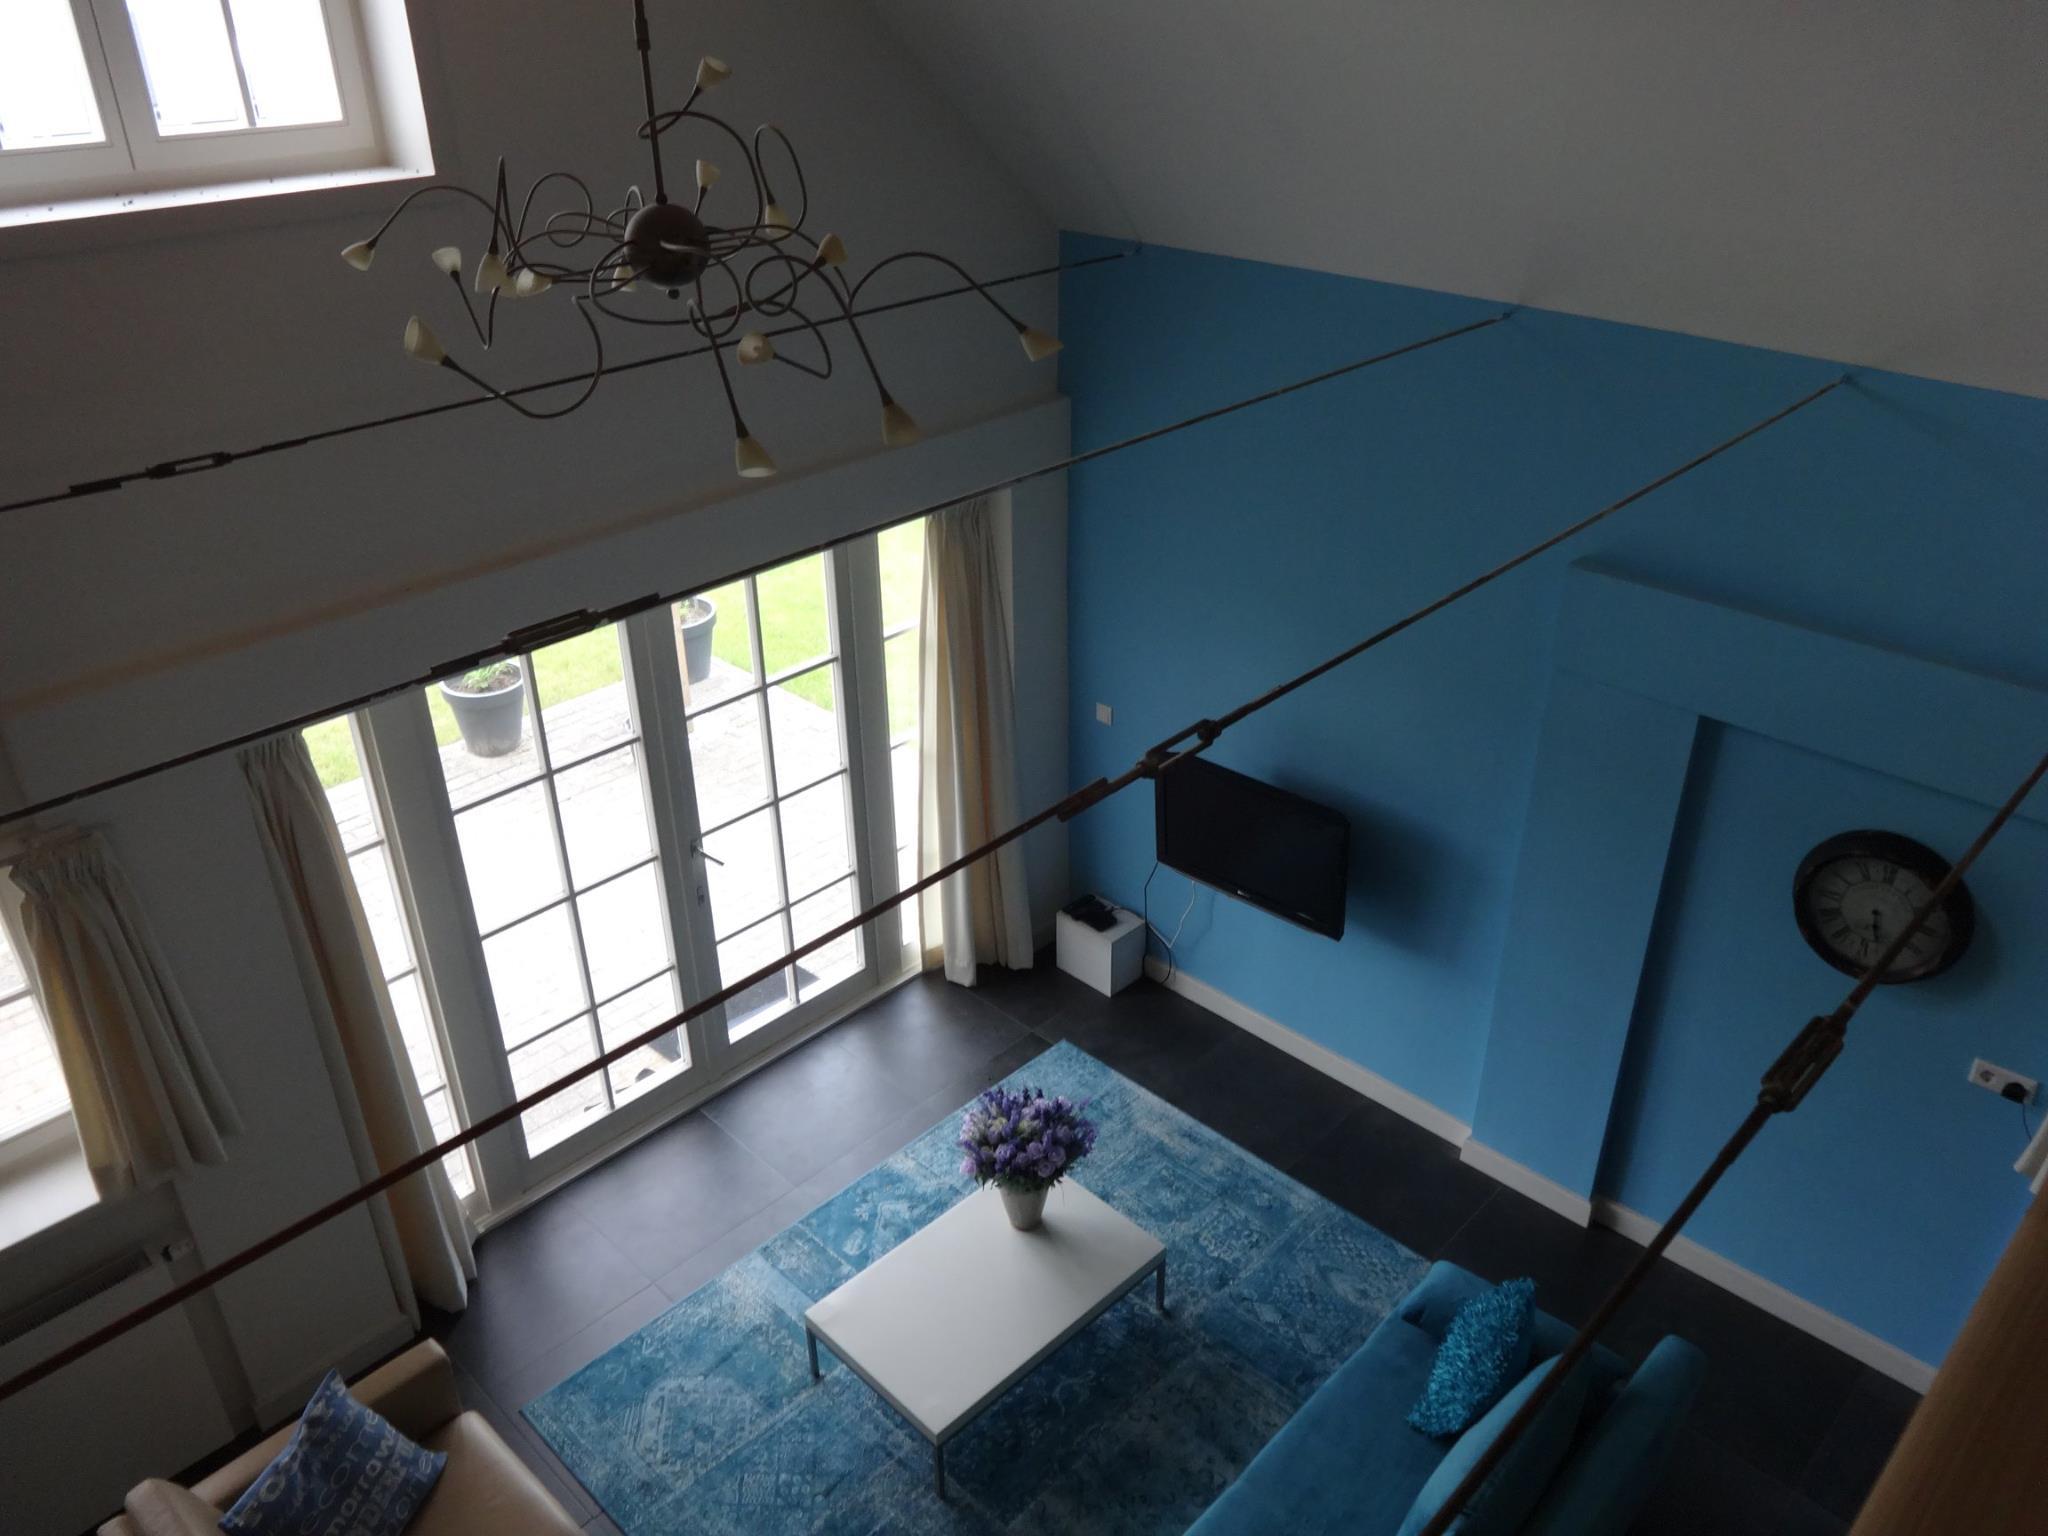 interieur-woonkamer-bed-and-breakfast-westerbork